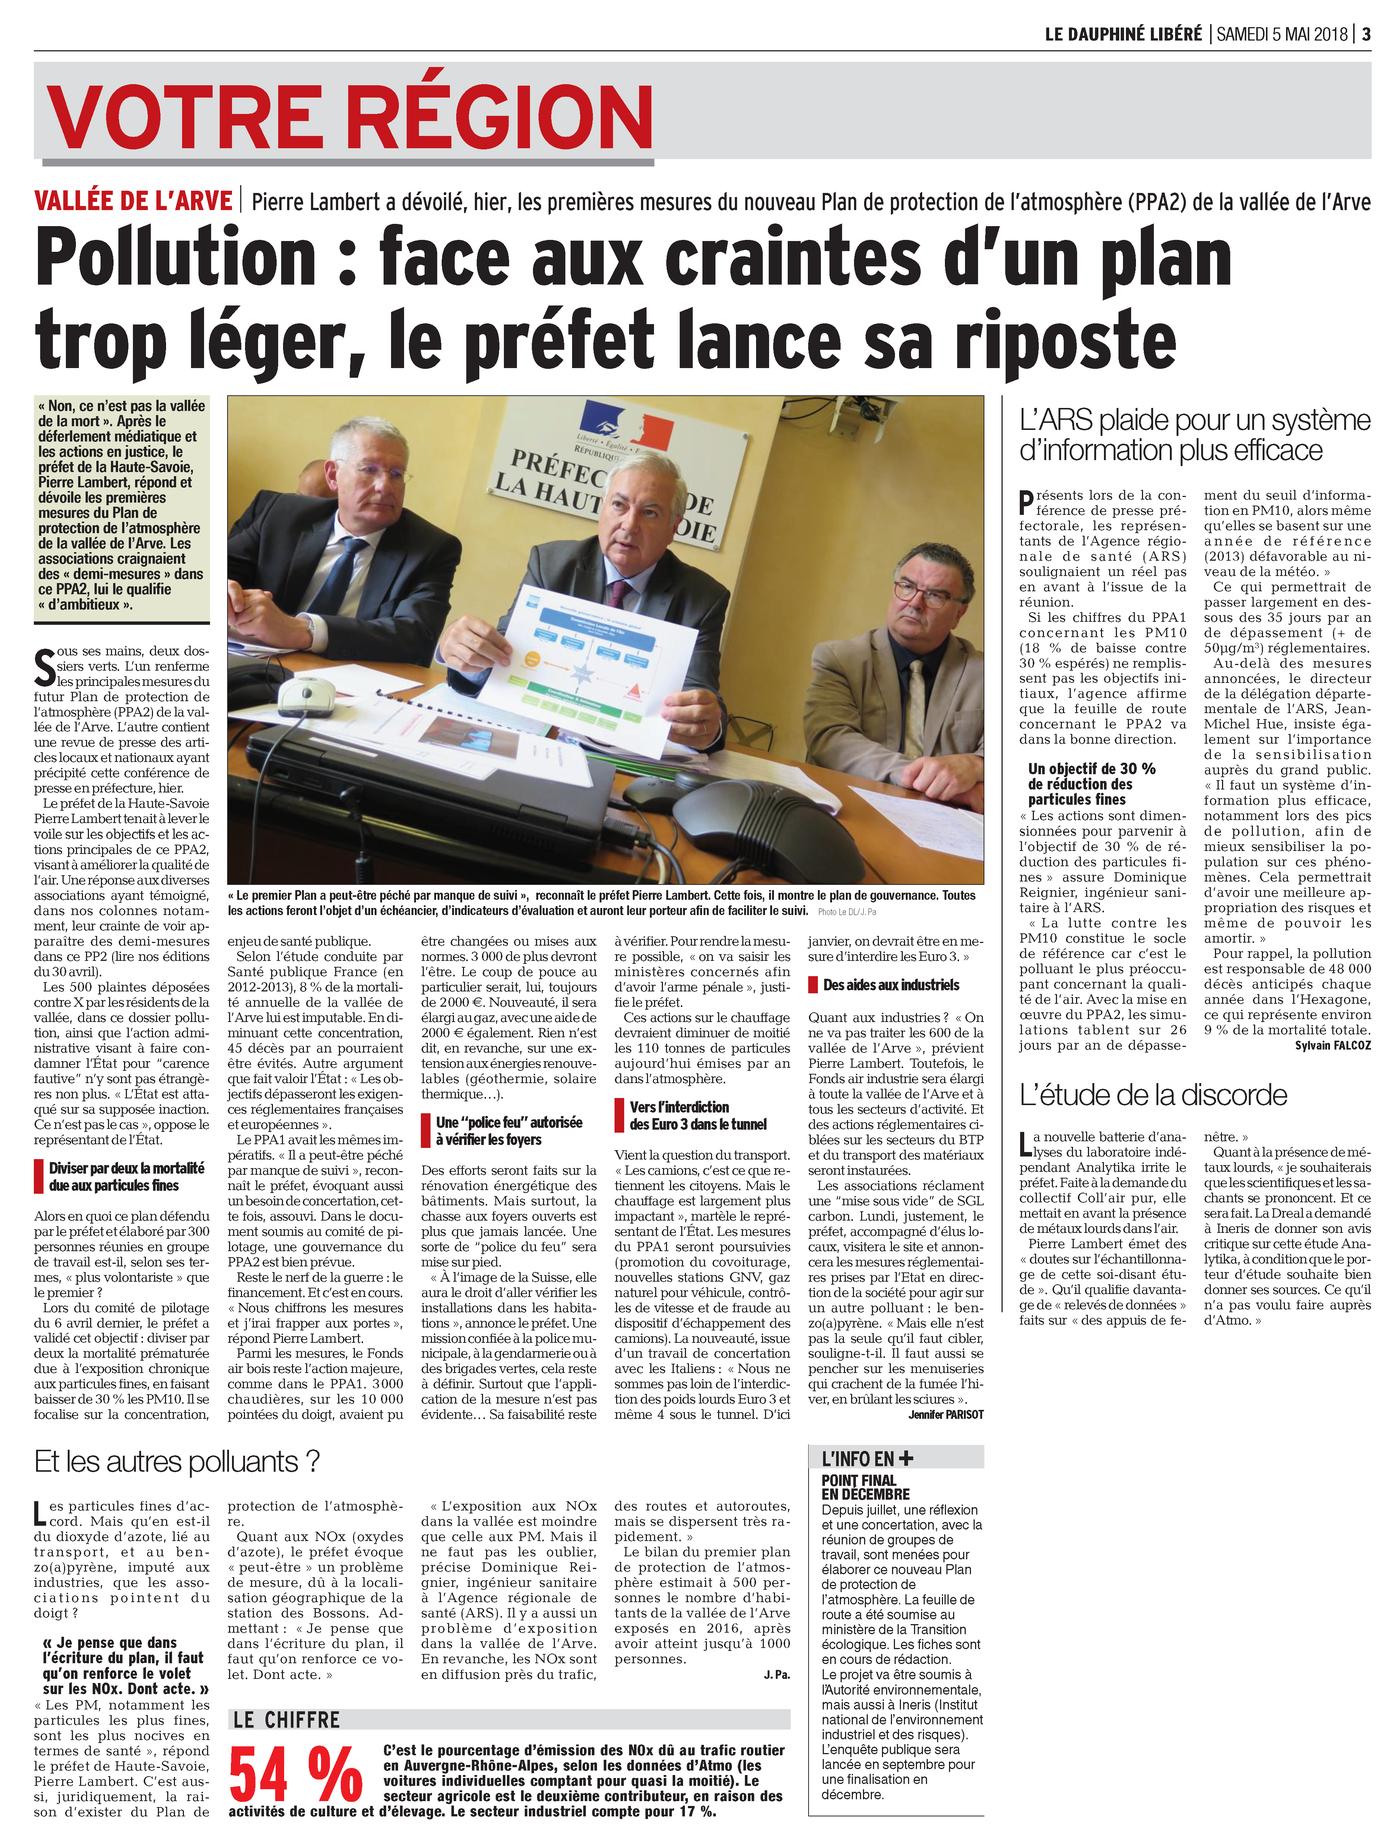 """05.05.2018 > LE DAUPHINÉ LIBÉRÉ : """"Pollution dans la Vallée de l'Arve : face aux craintes d'un plan trop léger, le préfet lance sa riposte"""""""